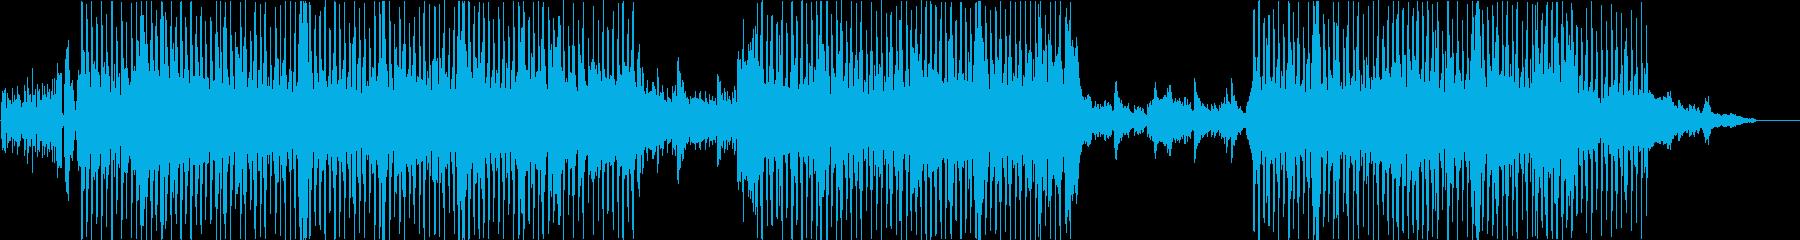 ほのぼの、優しい雰囲気のストリングスの再生済みの波形